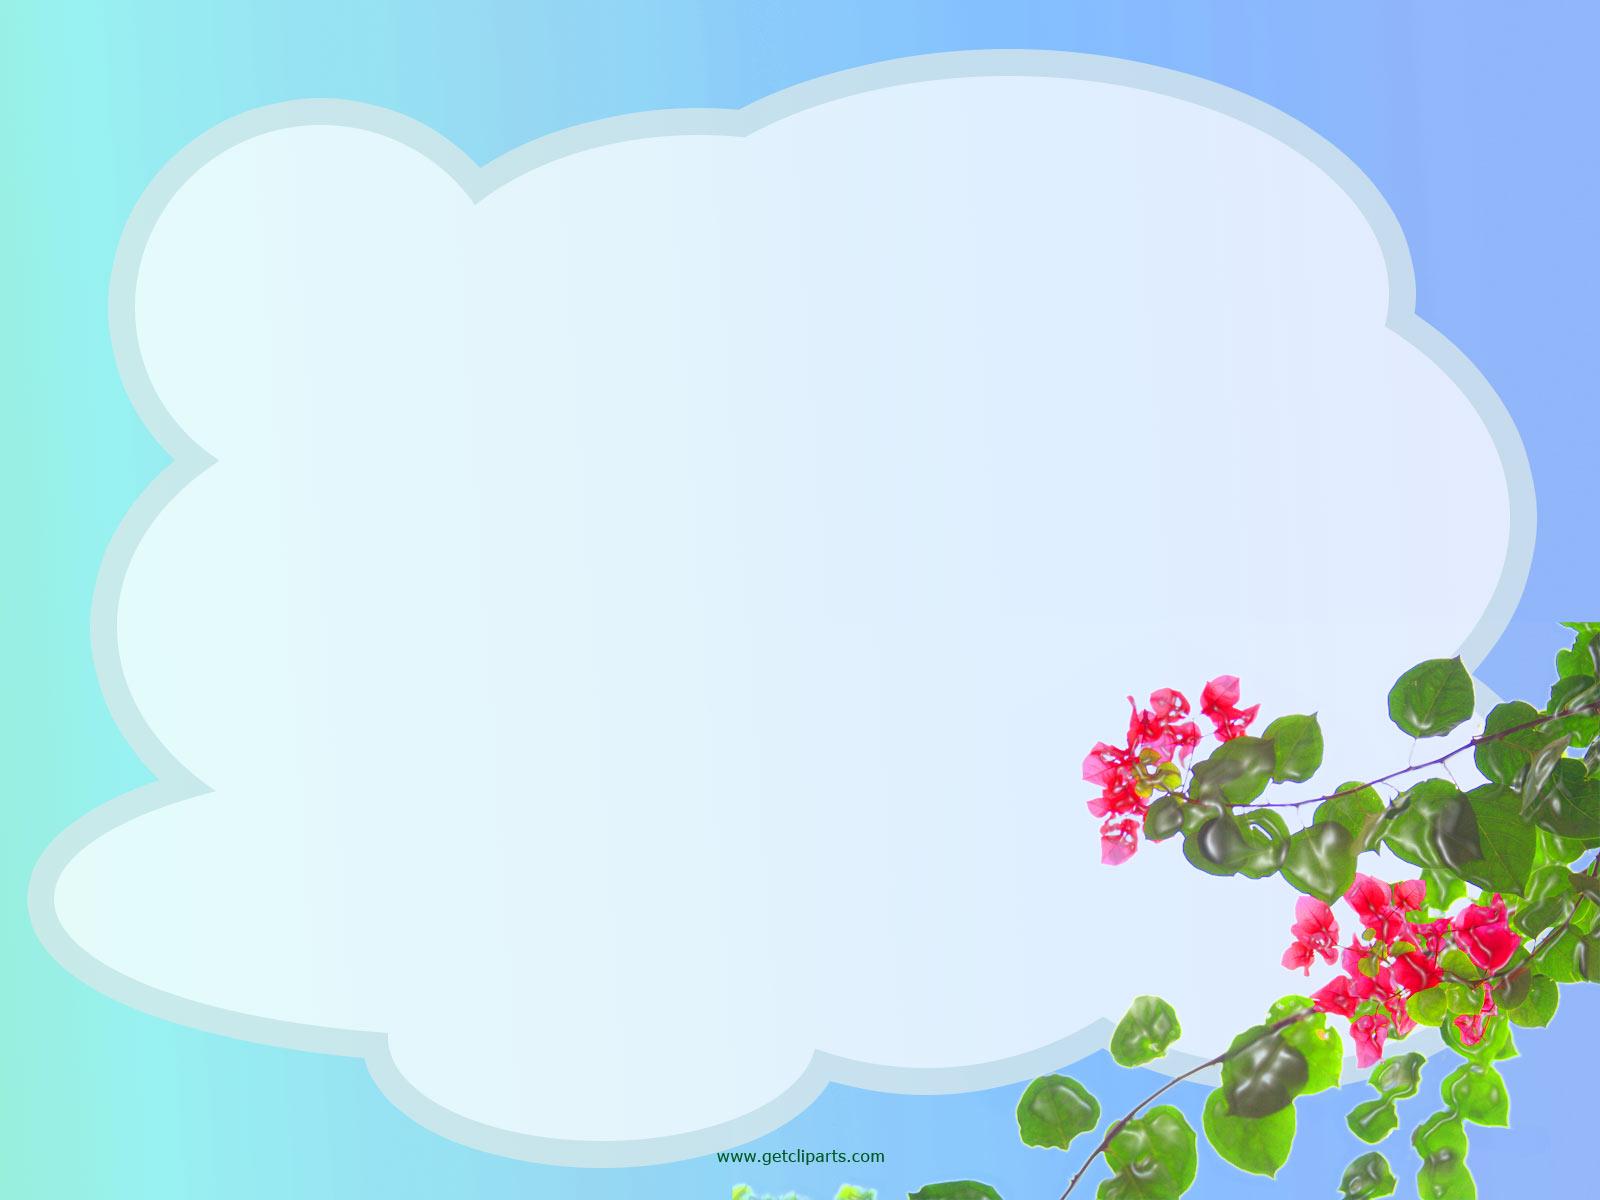 http://2.bp.blogspot.com/_fqhbn8YPG7w/TThJjAmxapI/AAAAAAAAAWc/m0m7cnWqxK0/s1600/pink-flower-frame_1600x1200.jpg